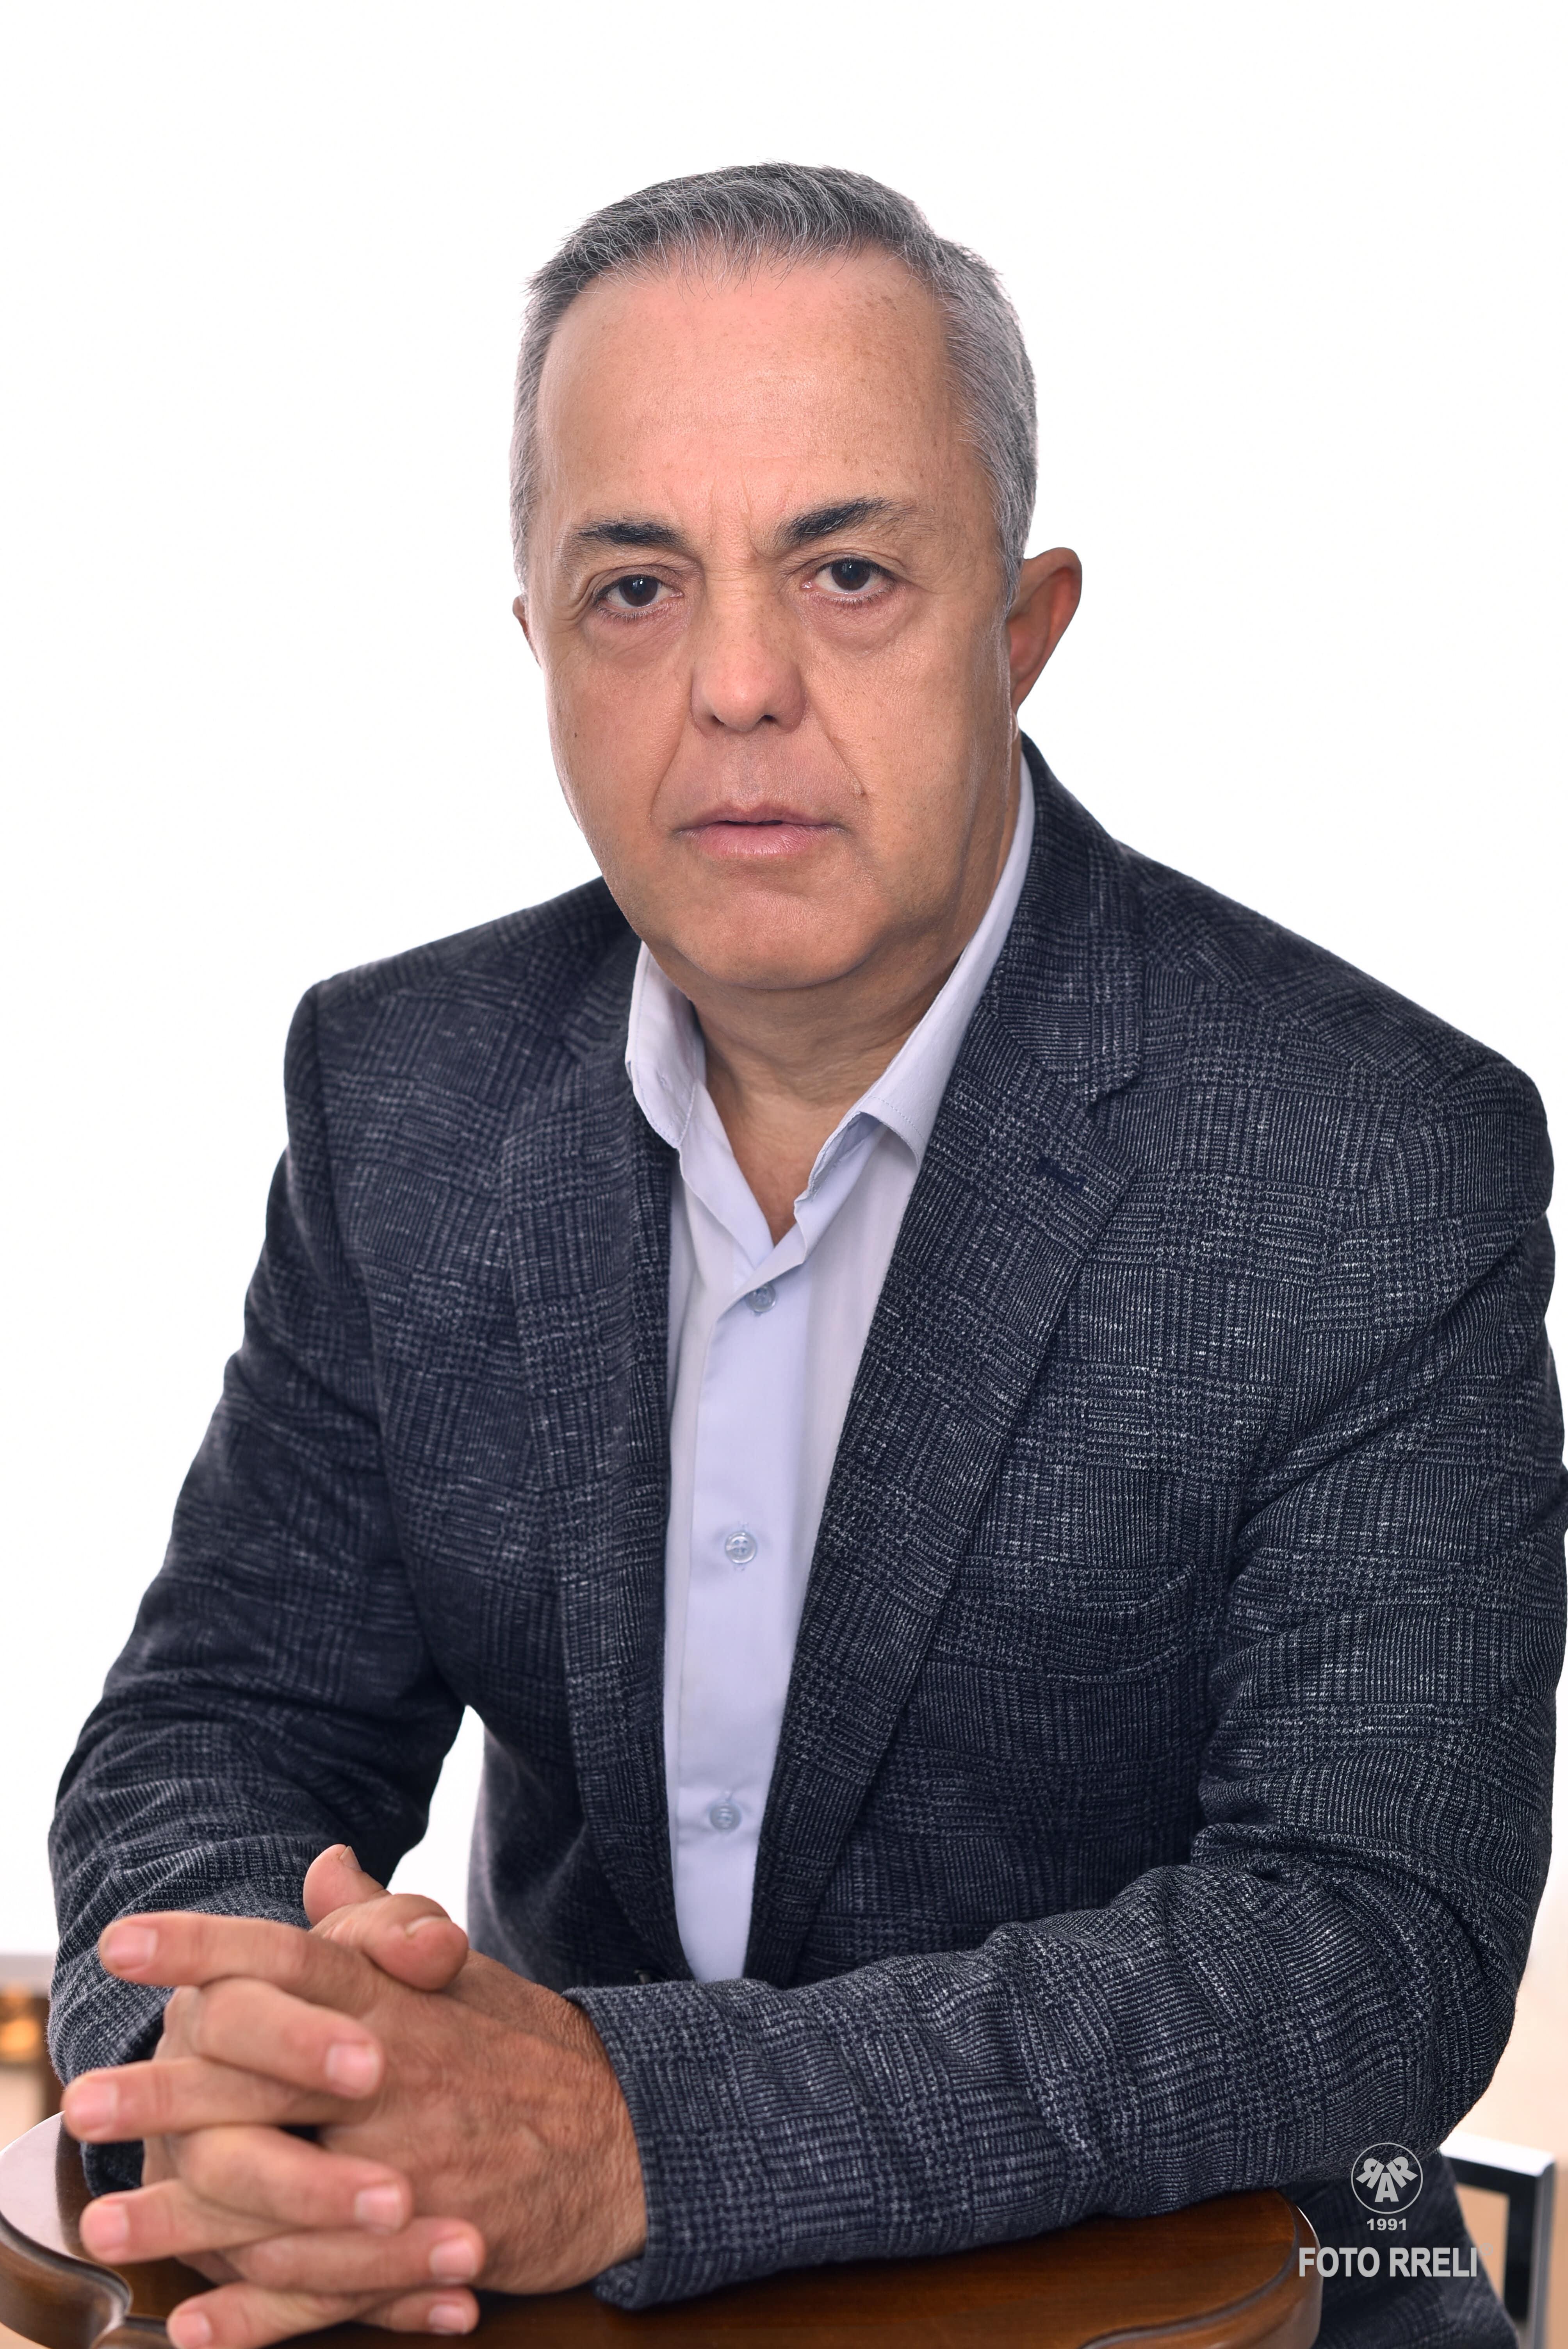 Ardjan Teli